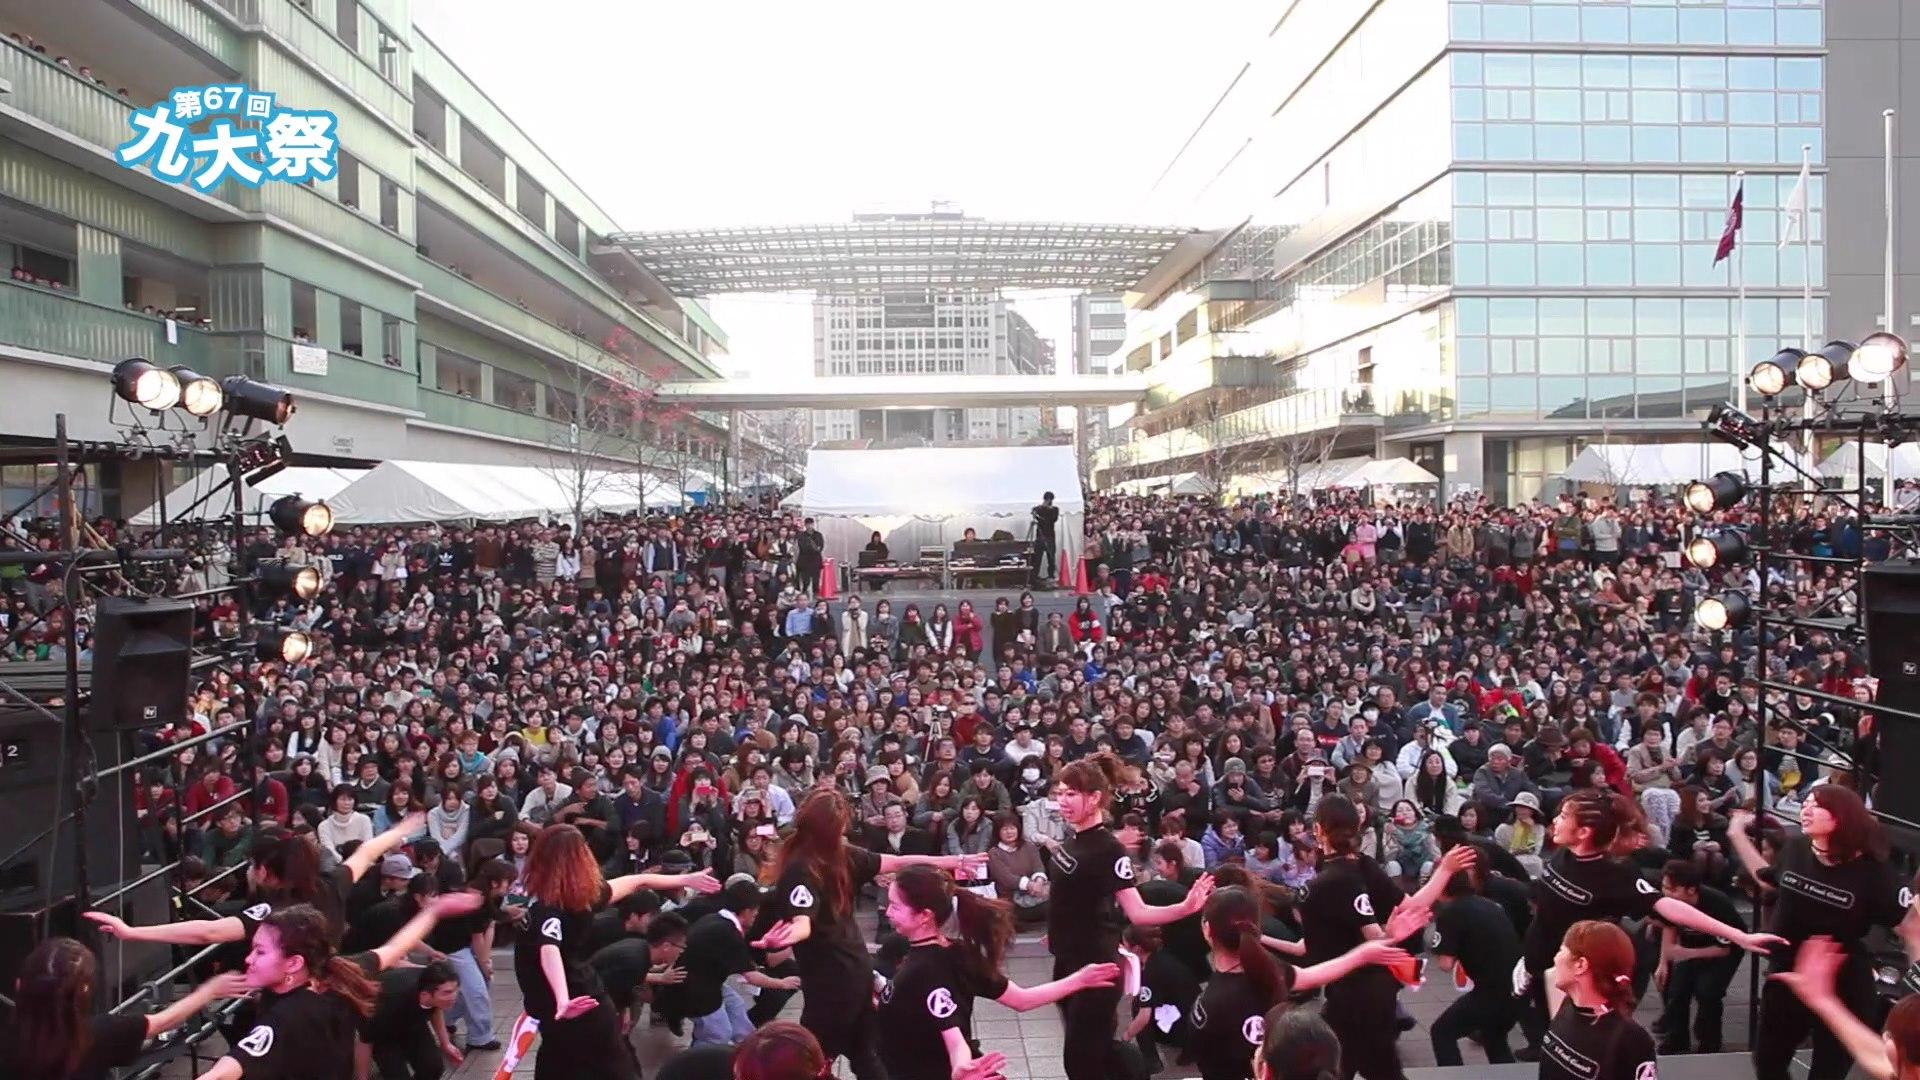 第67回 九州大学学祭.mov_000483960